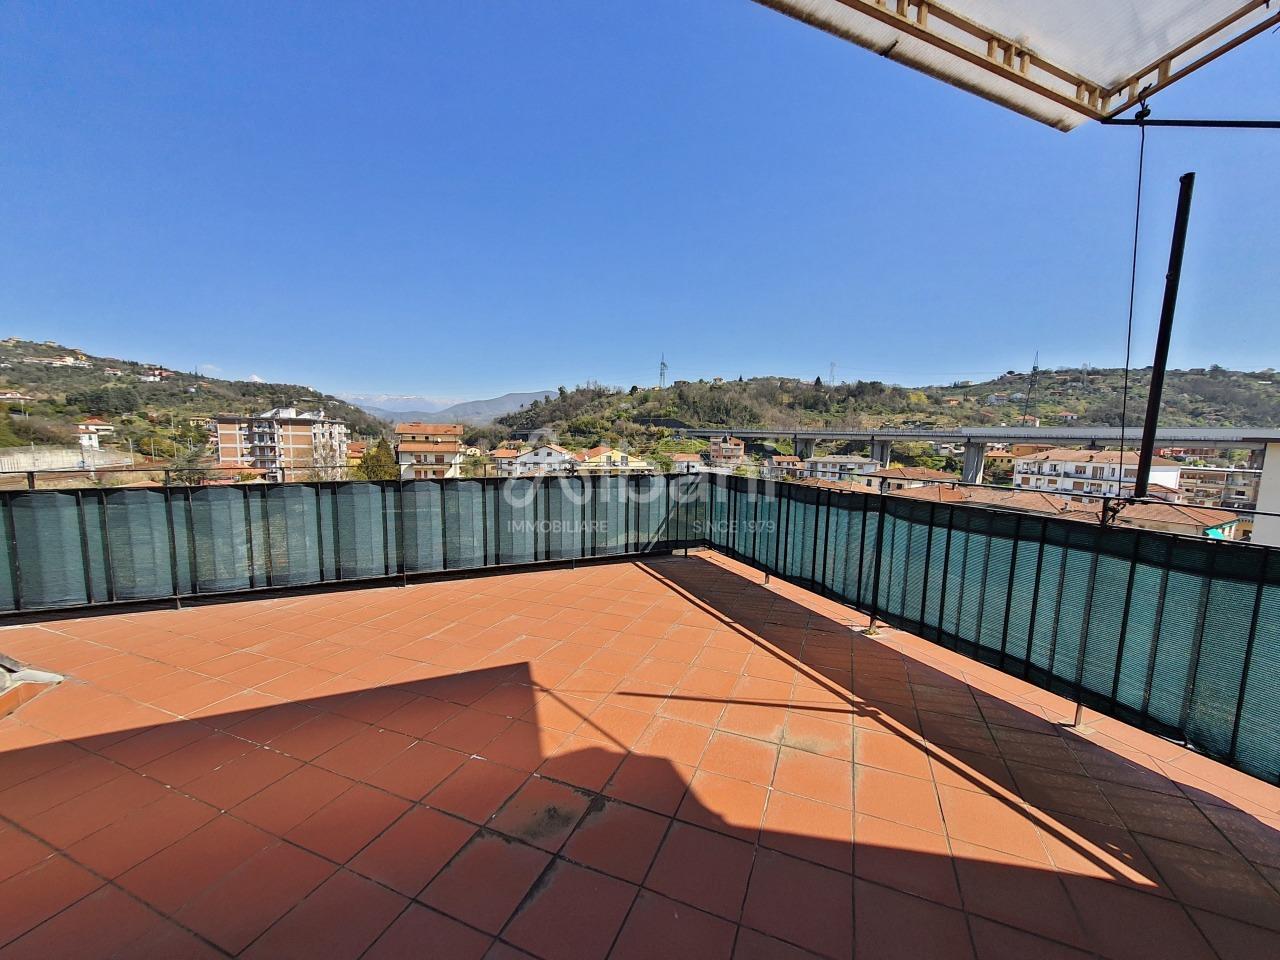 Attico / Mansarda in vendita a Vezzano Ligure, 3 locali, prezzo € 70.000 | PortaleAgenzieImmobiliari.it